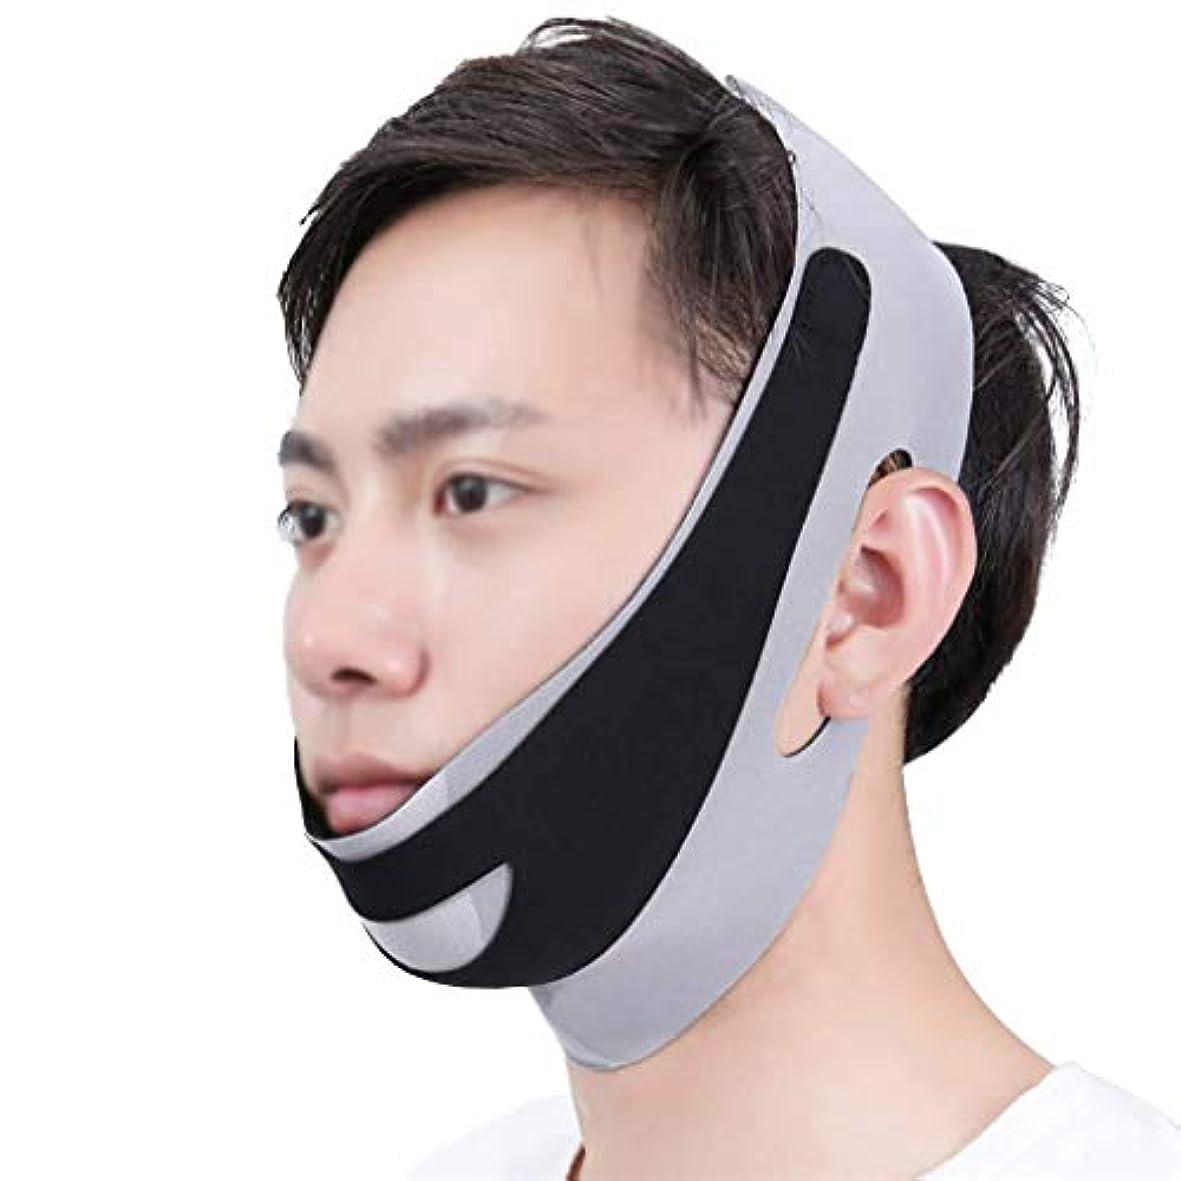 雄弁家そんなにアボート顔と首のリフト術後の弾性フェイスマスク小さなV顔アーティファクト薄い顔包帯アーティファクトV顔ぶら下げ耳リフティング引き締め男性の顔アーティファクト